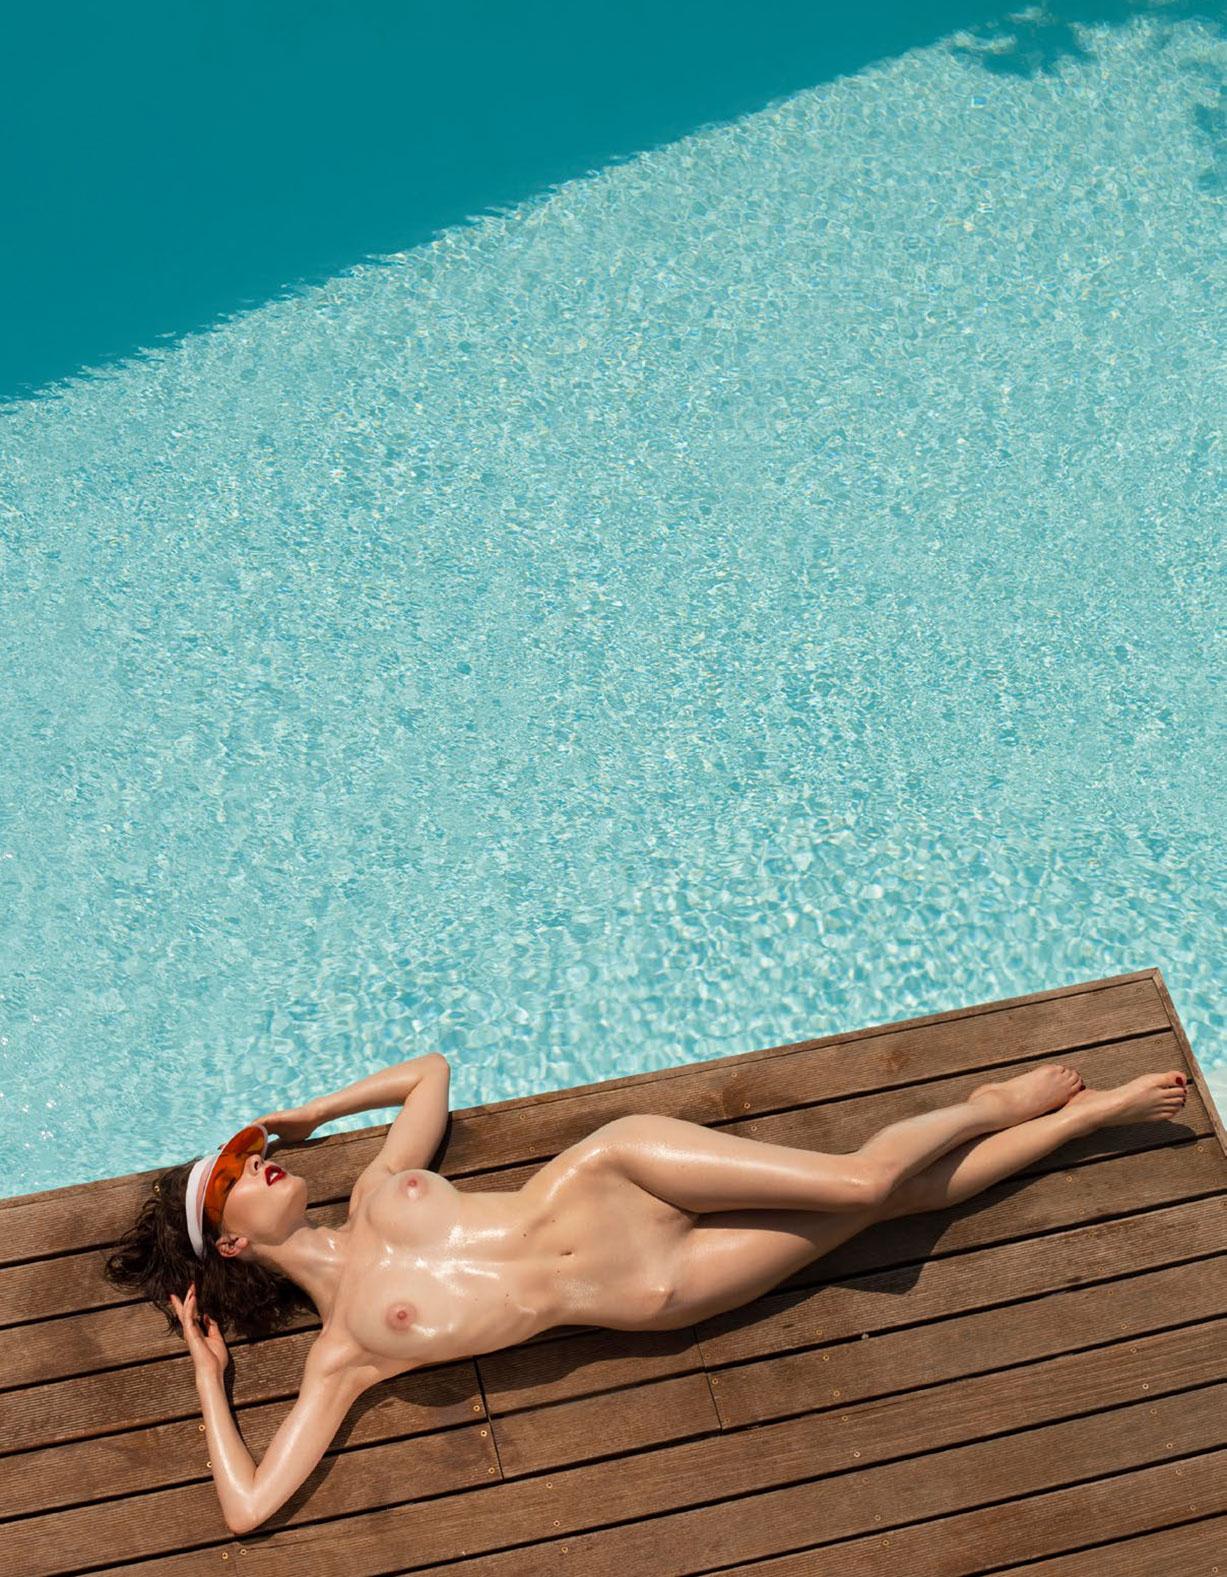 Каприс Кастильо в спецвыпуске журнала Playboy -Девушки летом- / фото 05